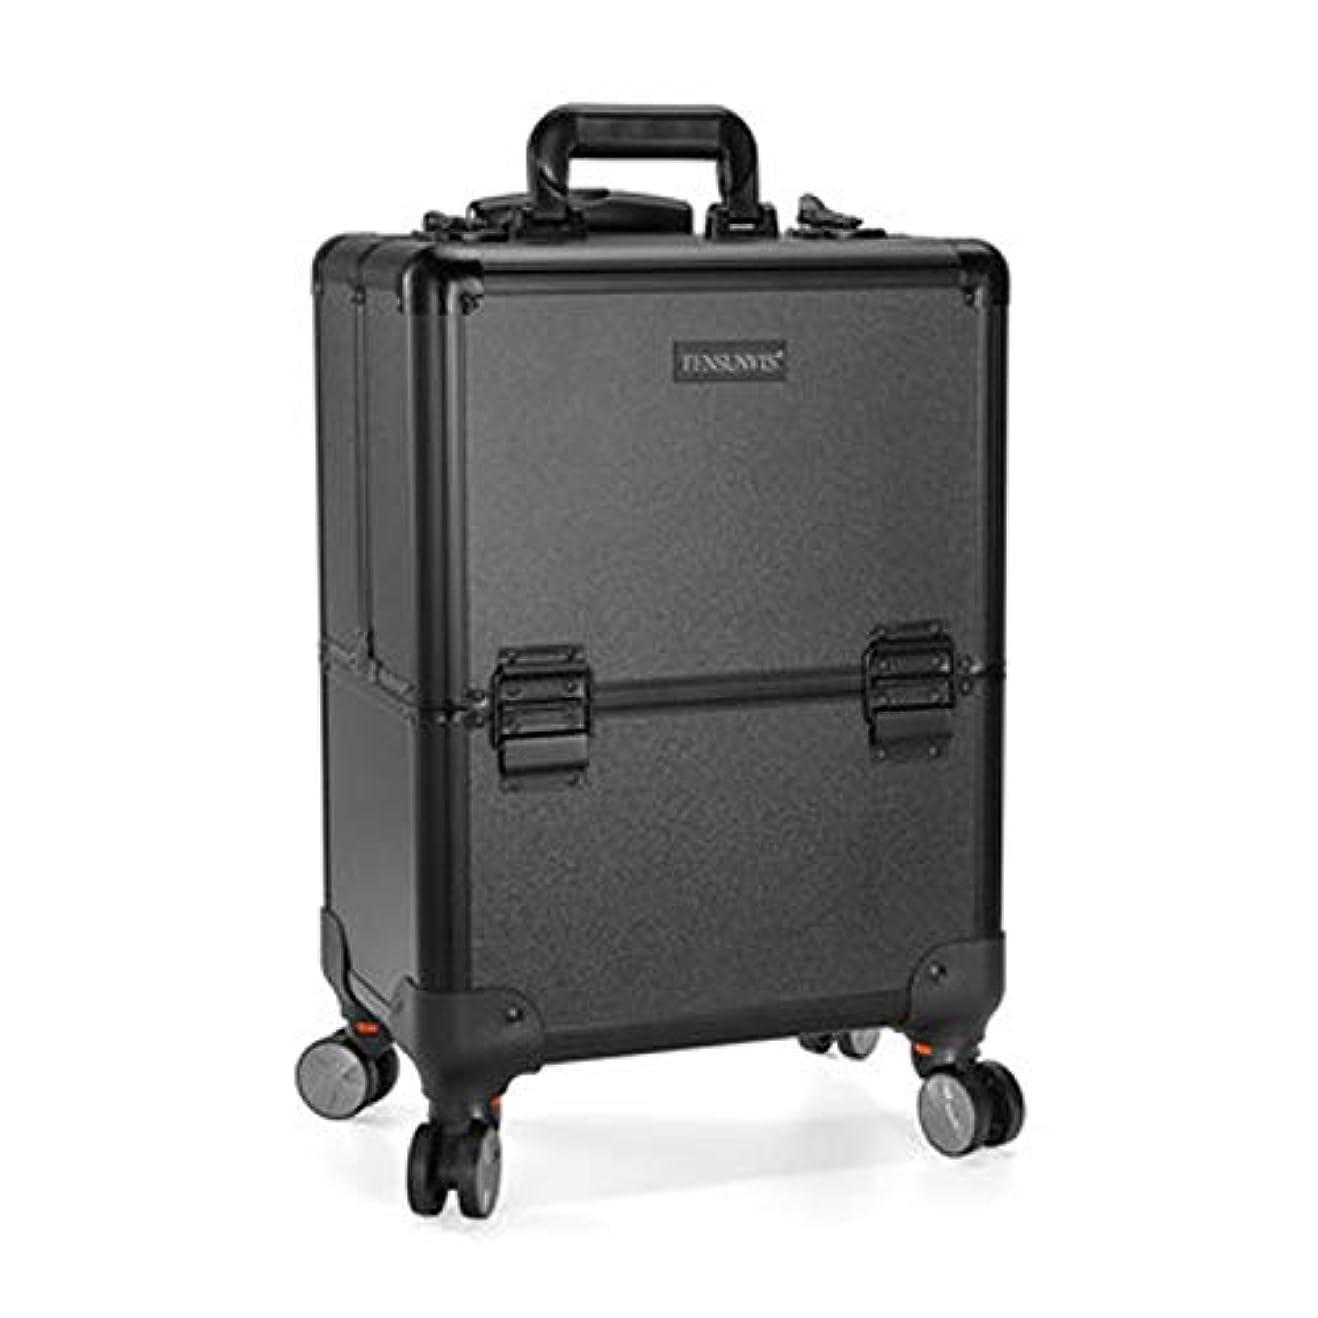 ひばり一般的にキュービックプロ専用 美容師 クローゼット スーツケース メイクボックス キャリーバッグ ヘアメイク プロ 大容量 軽量 高品質 多機能 I-TT-317T-B